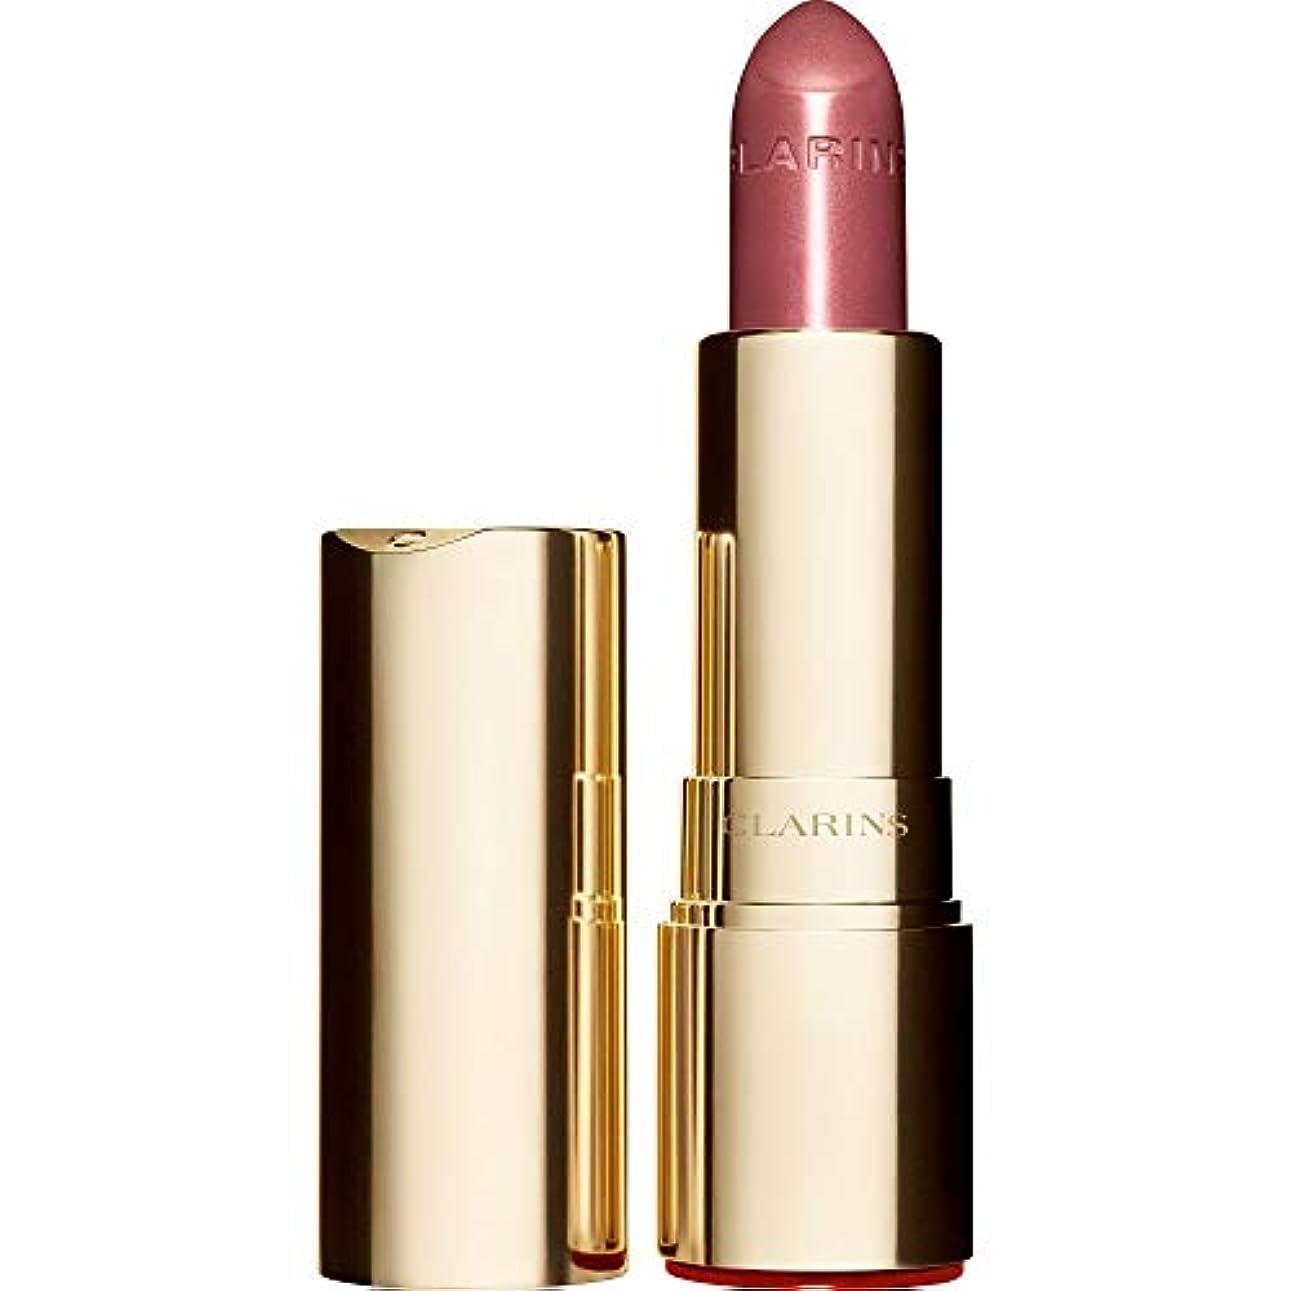 トークン落ちた告白[Clarins ] クラランスジョリルージュブリリアント口紅3.5グラムの731Sは、 - ベリーローズ - Clarins Joli Rouge Brillant Lipstick 3.5g 731S - Rose...